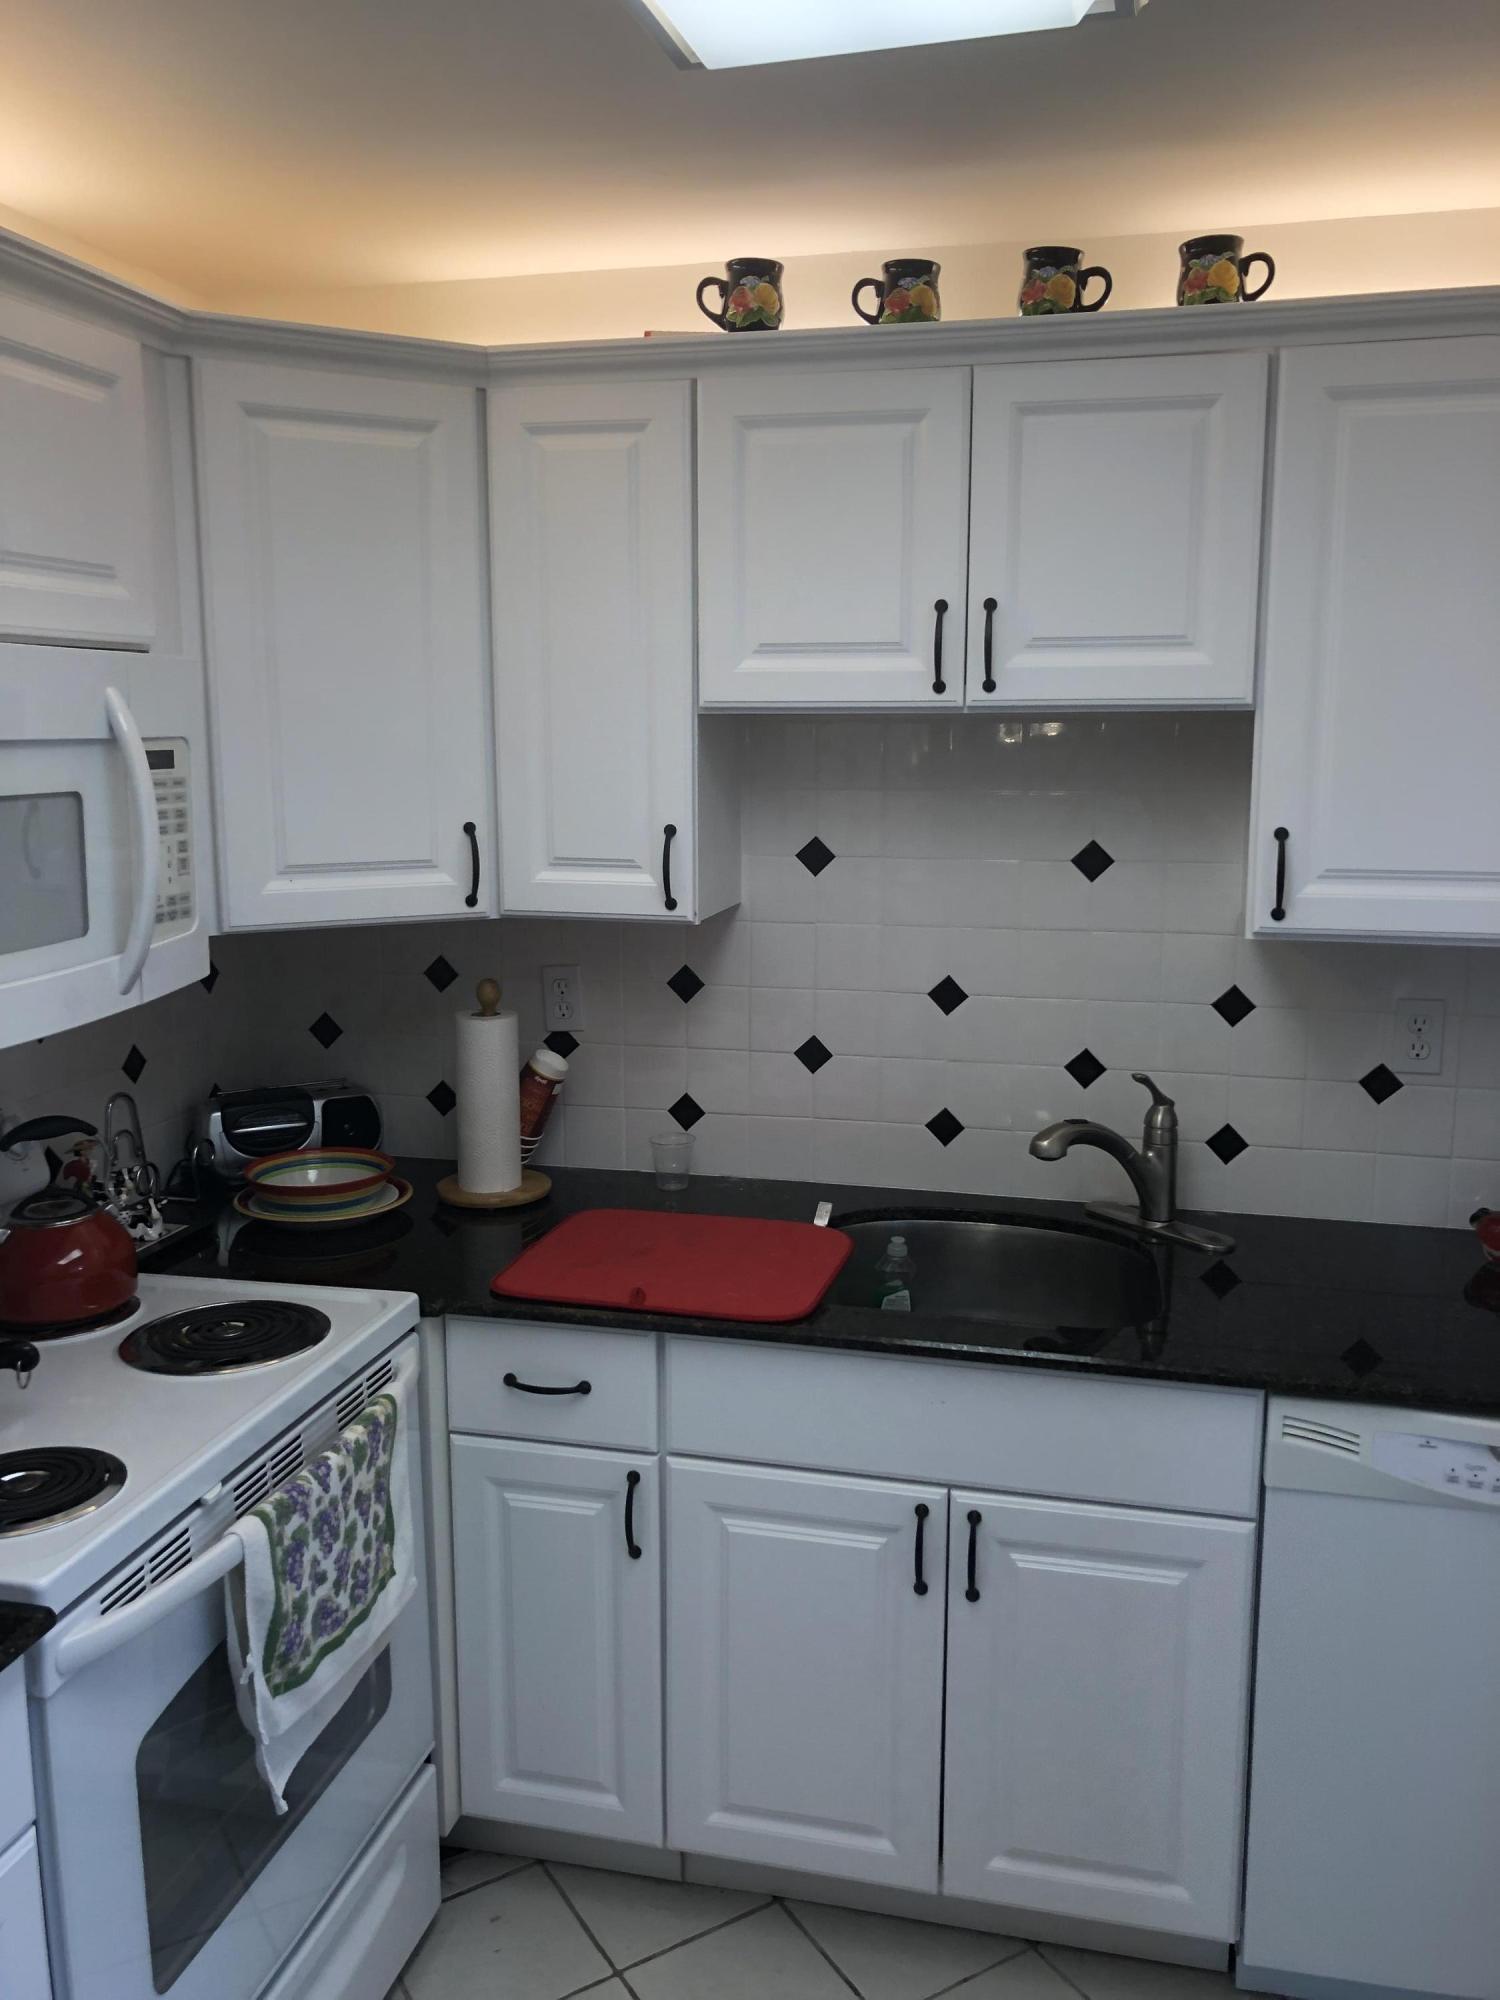 926 Flanders T, Delray Beach, Florida 33484, 2 Bedrooms Bedrooms, ,2 BathroomsBathrooms,Condo/Coop,For Sale,Kings Point,Flanders T,1,RX-10480493